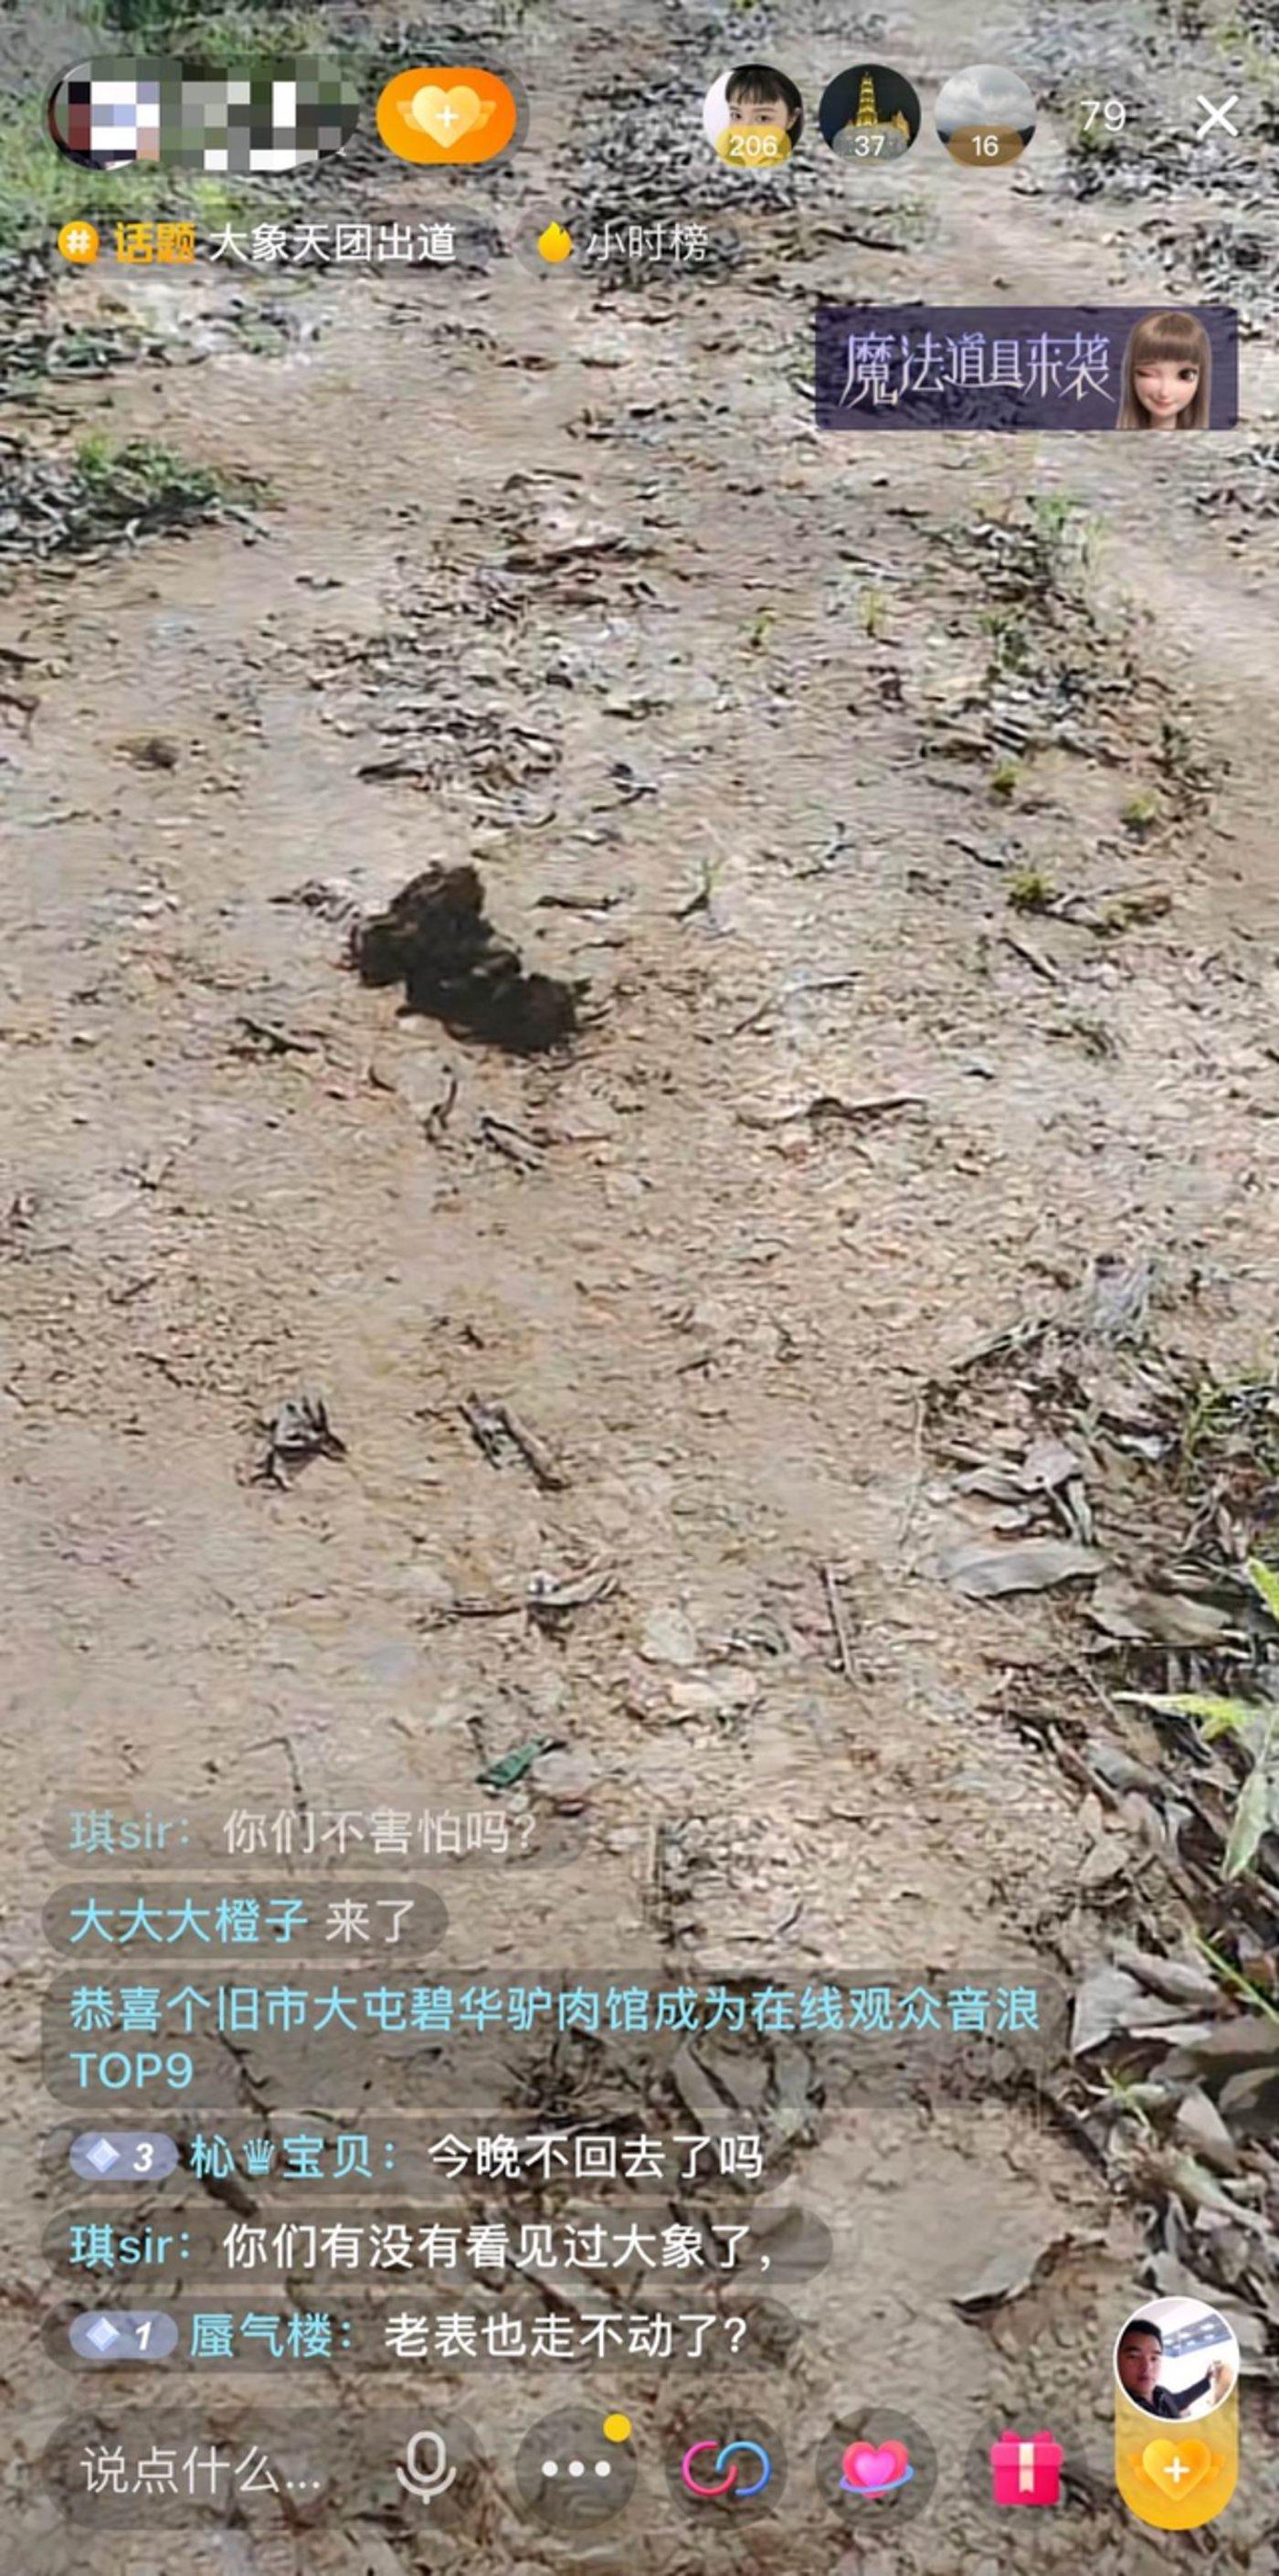 一位主播直播看大象粪便 来源 / 抖音截图